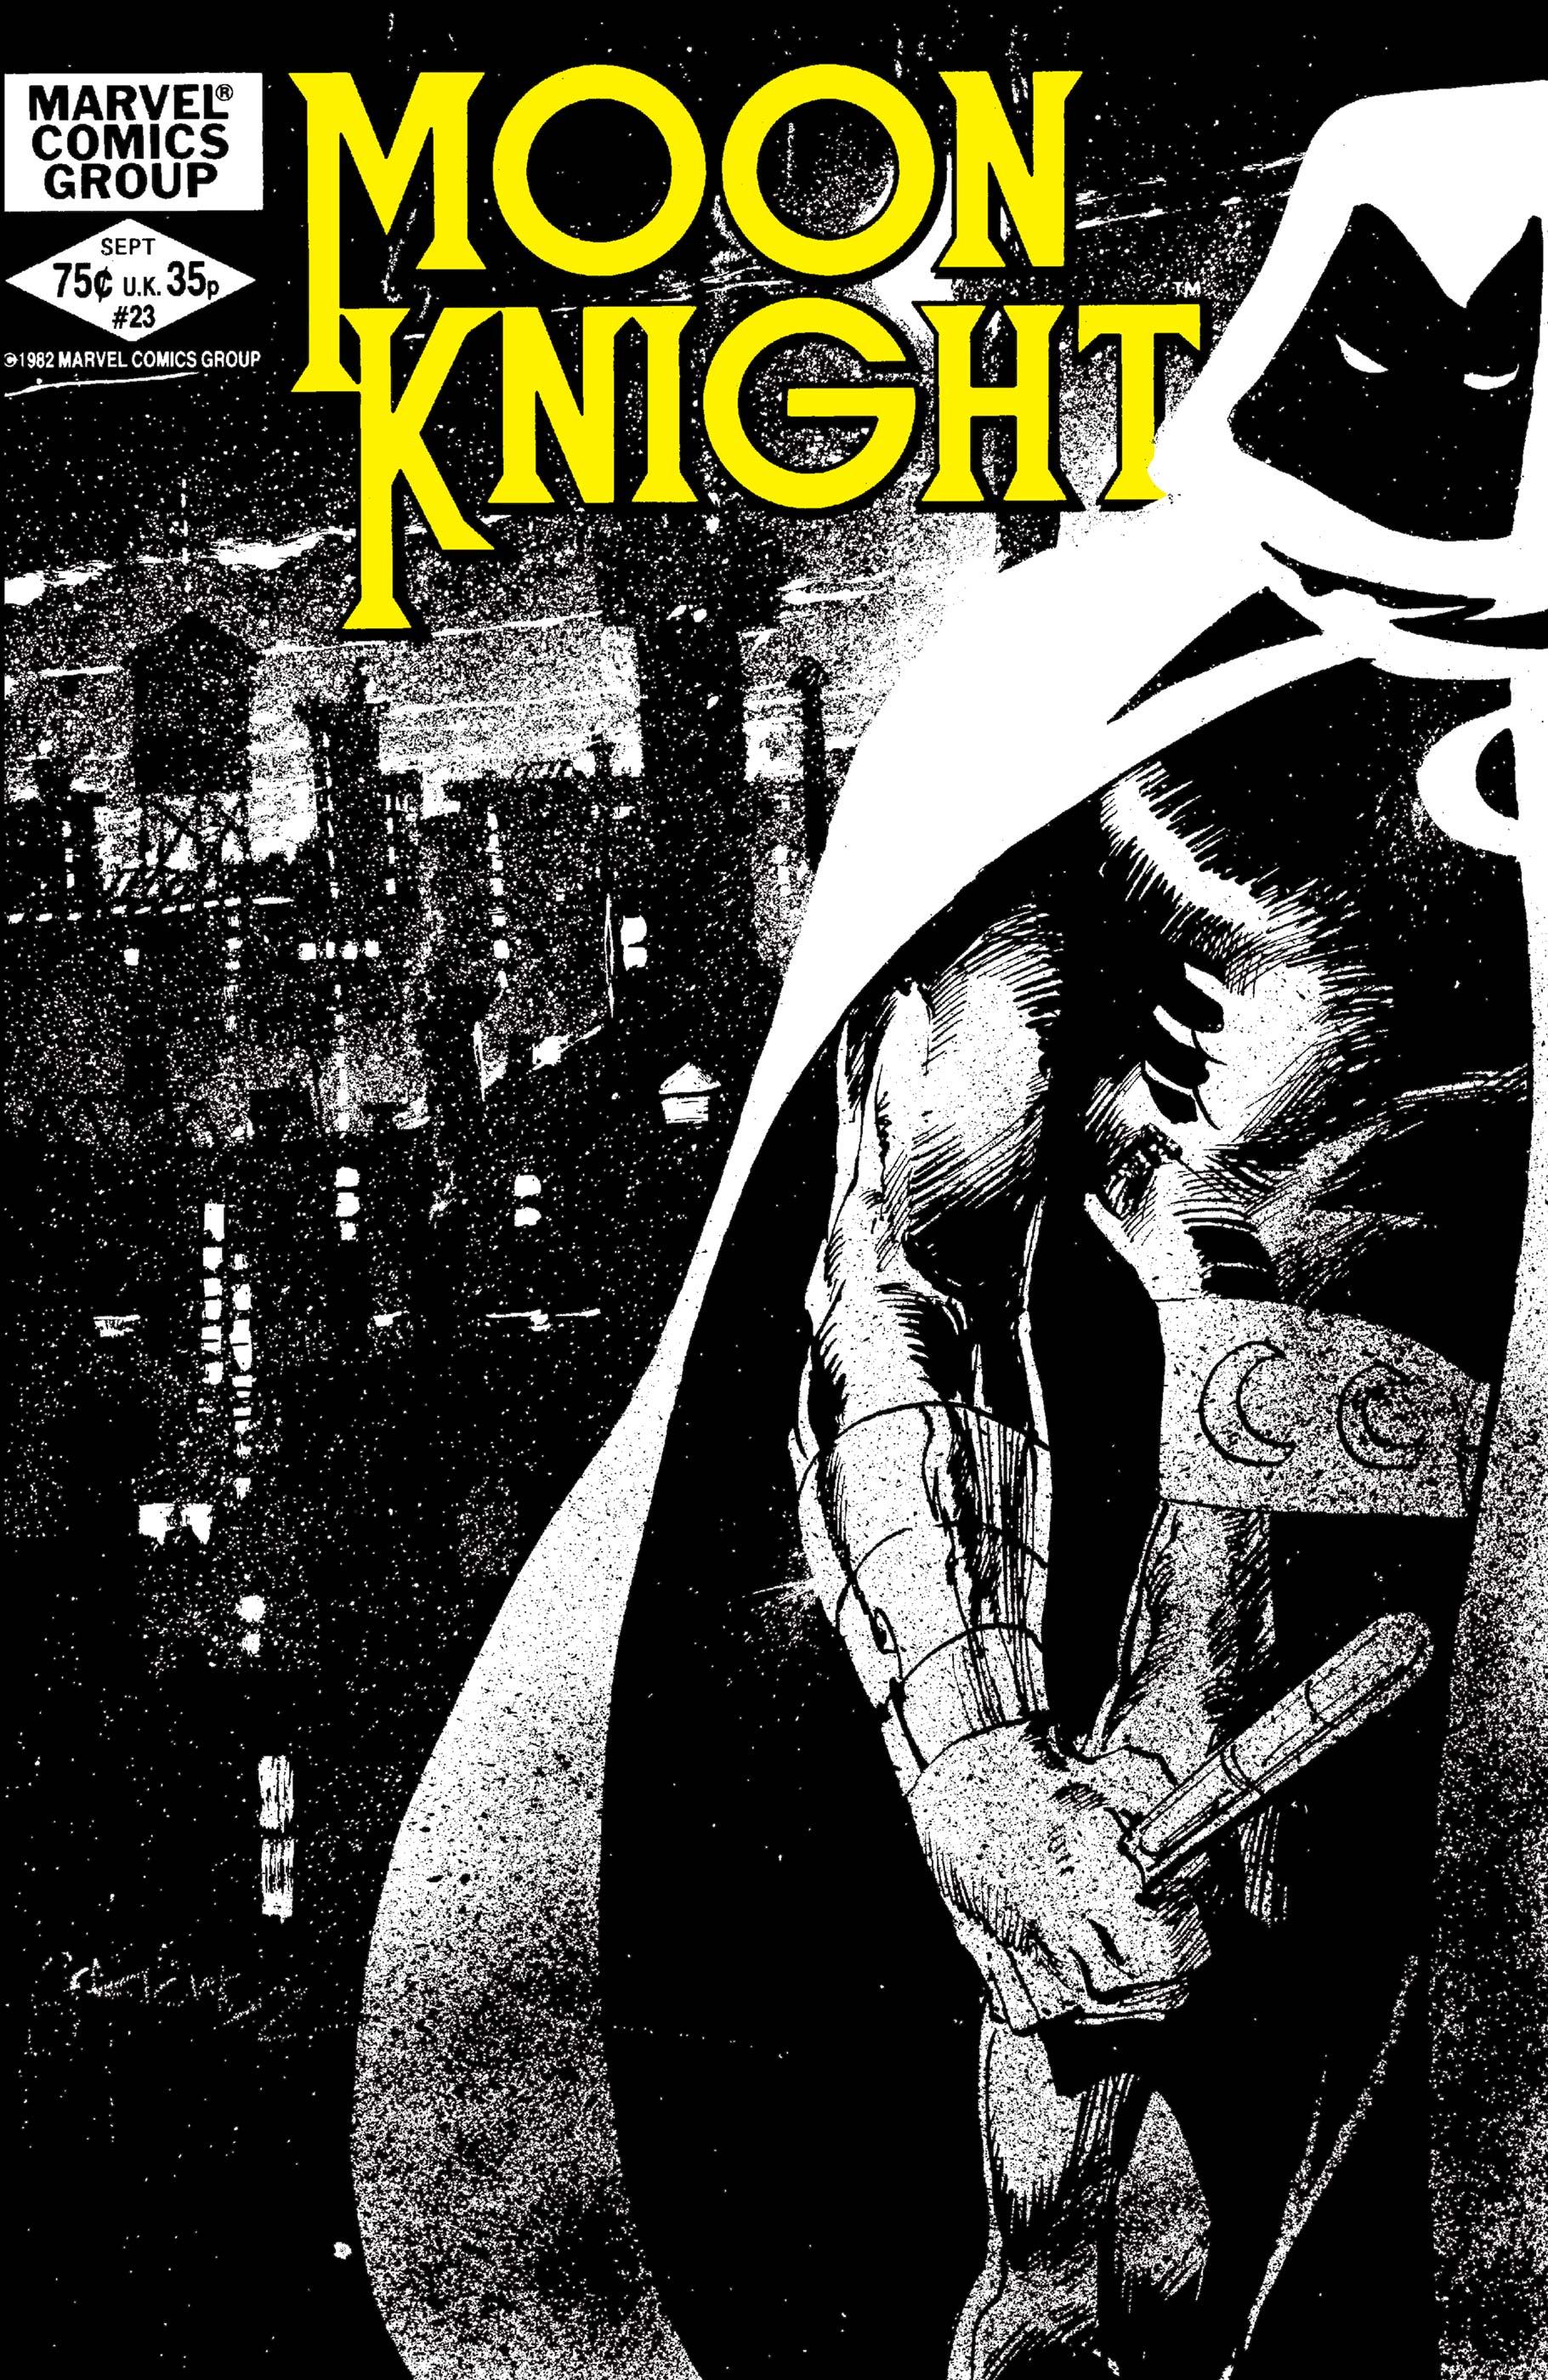 Moon Knight (1980) #23